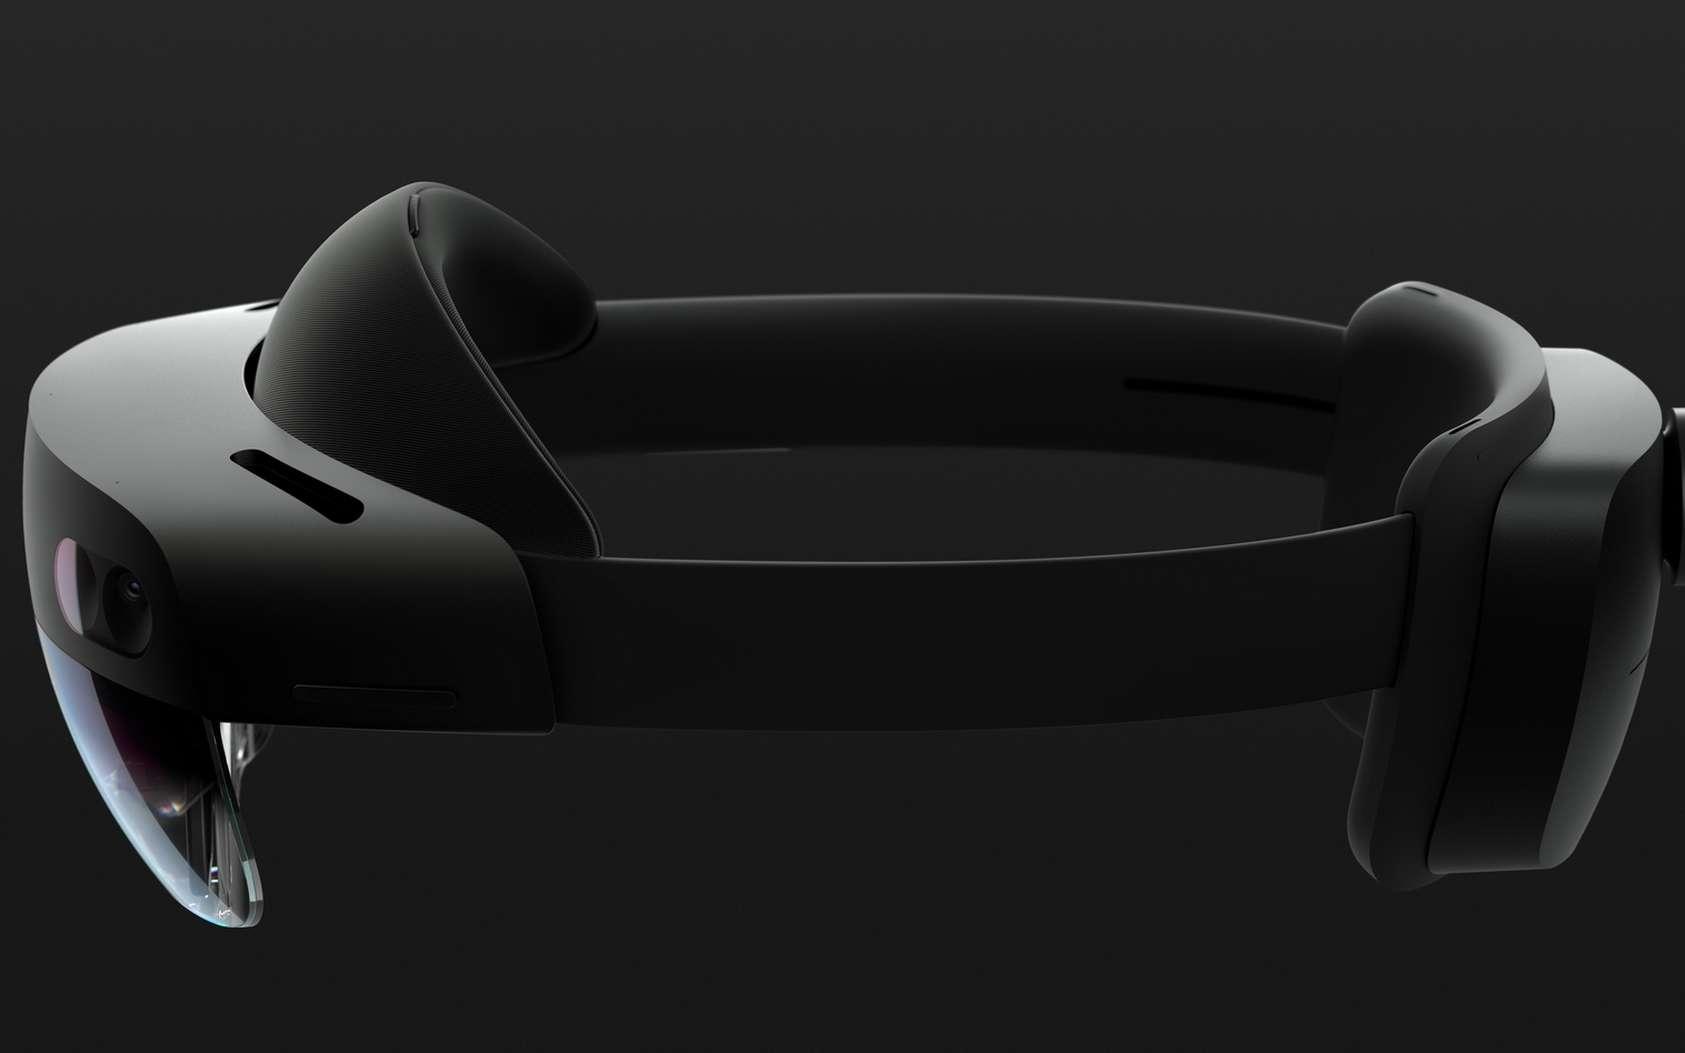 La nouvelle version du casque virtuel de Microsoft devrait proposer un champ de vision élargi. © Microsoft